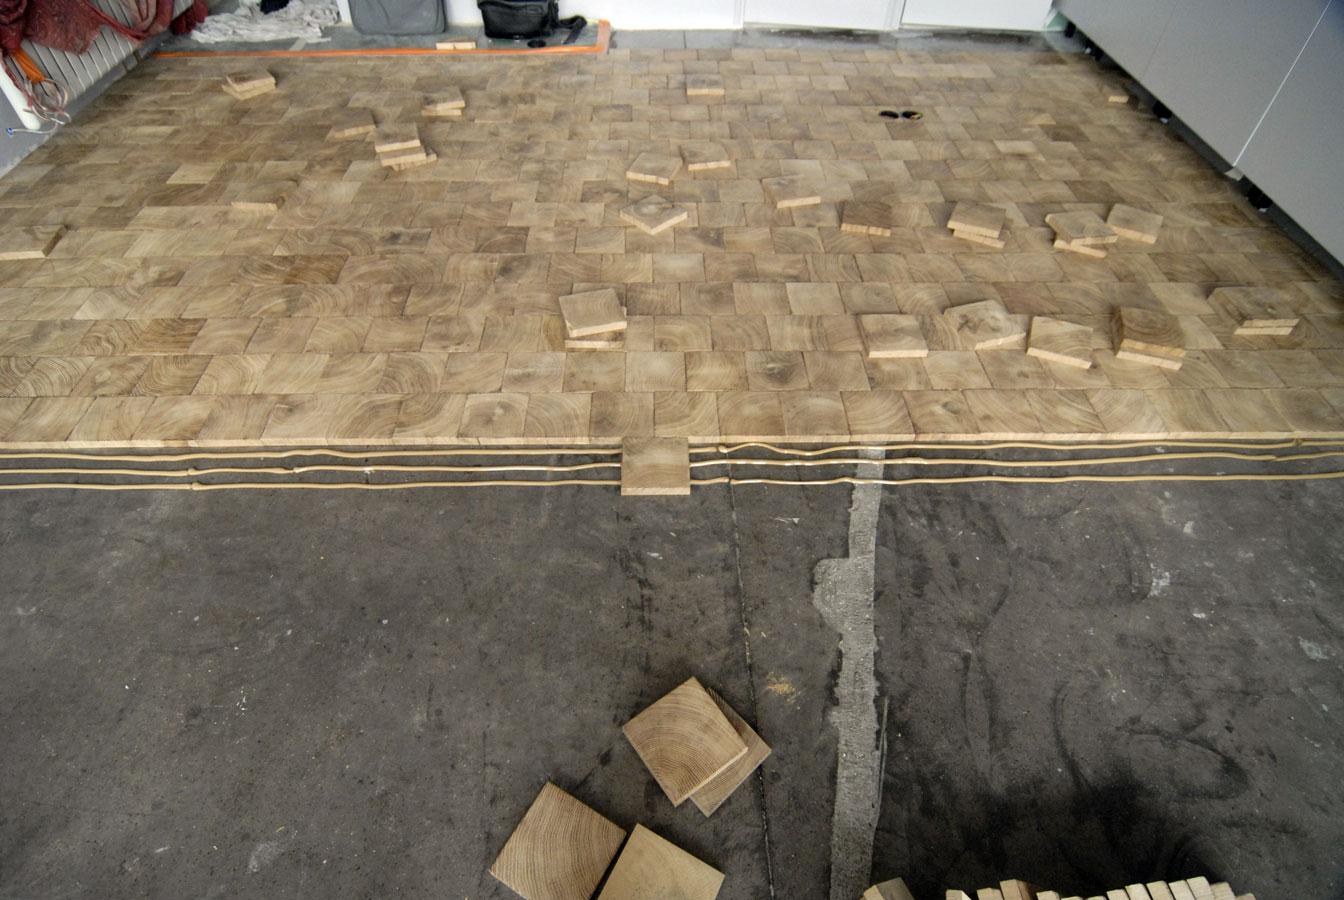 atelier des granges french parquet end grain wood block 2 670. Black Bedroom Furniture Sets. Home Design Ideas